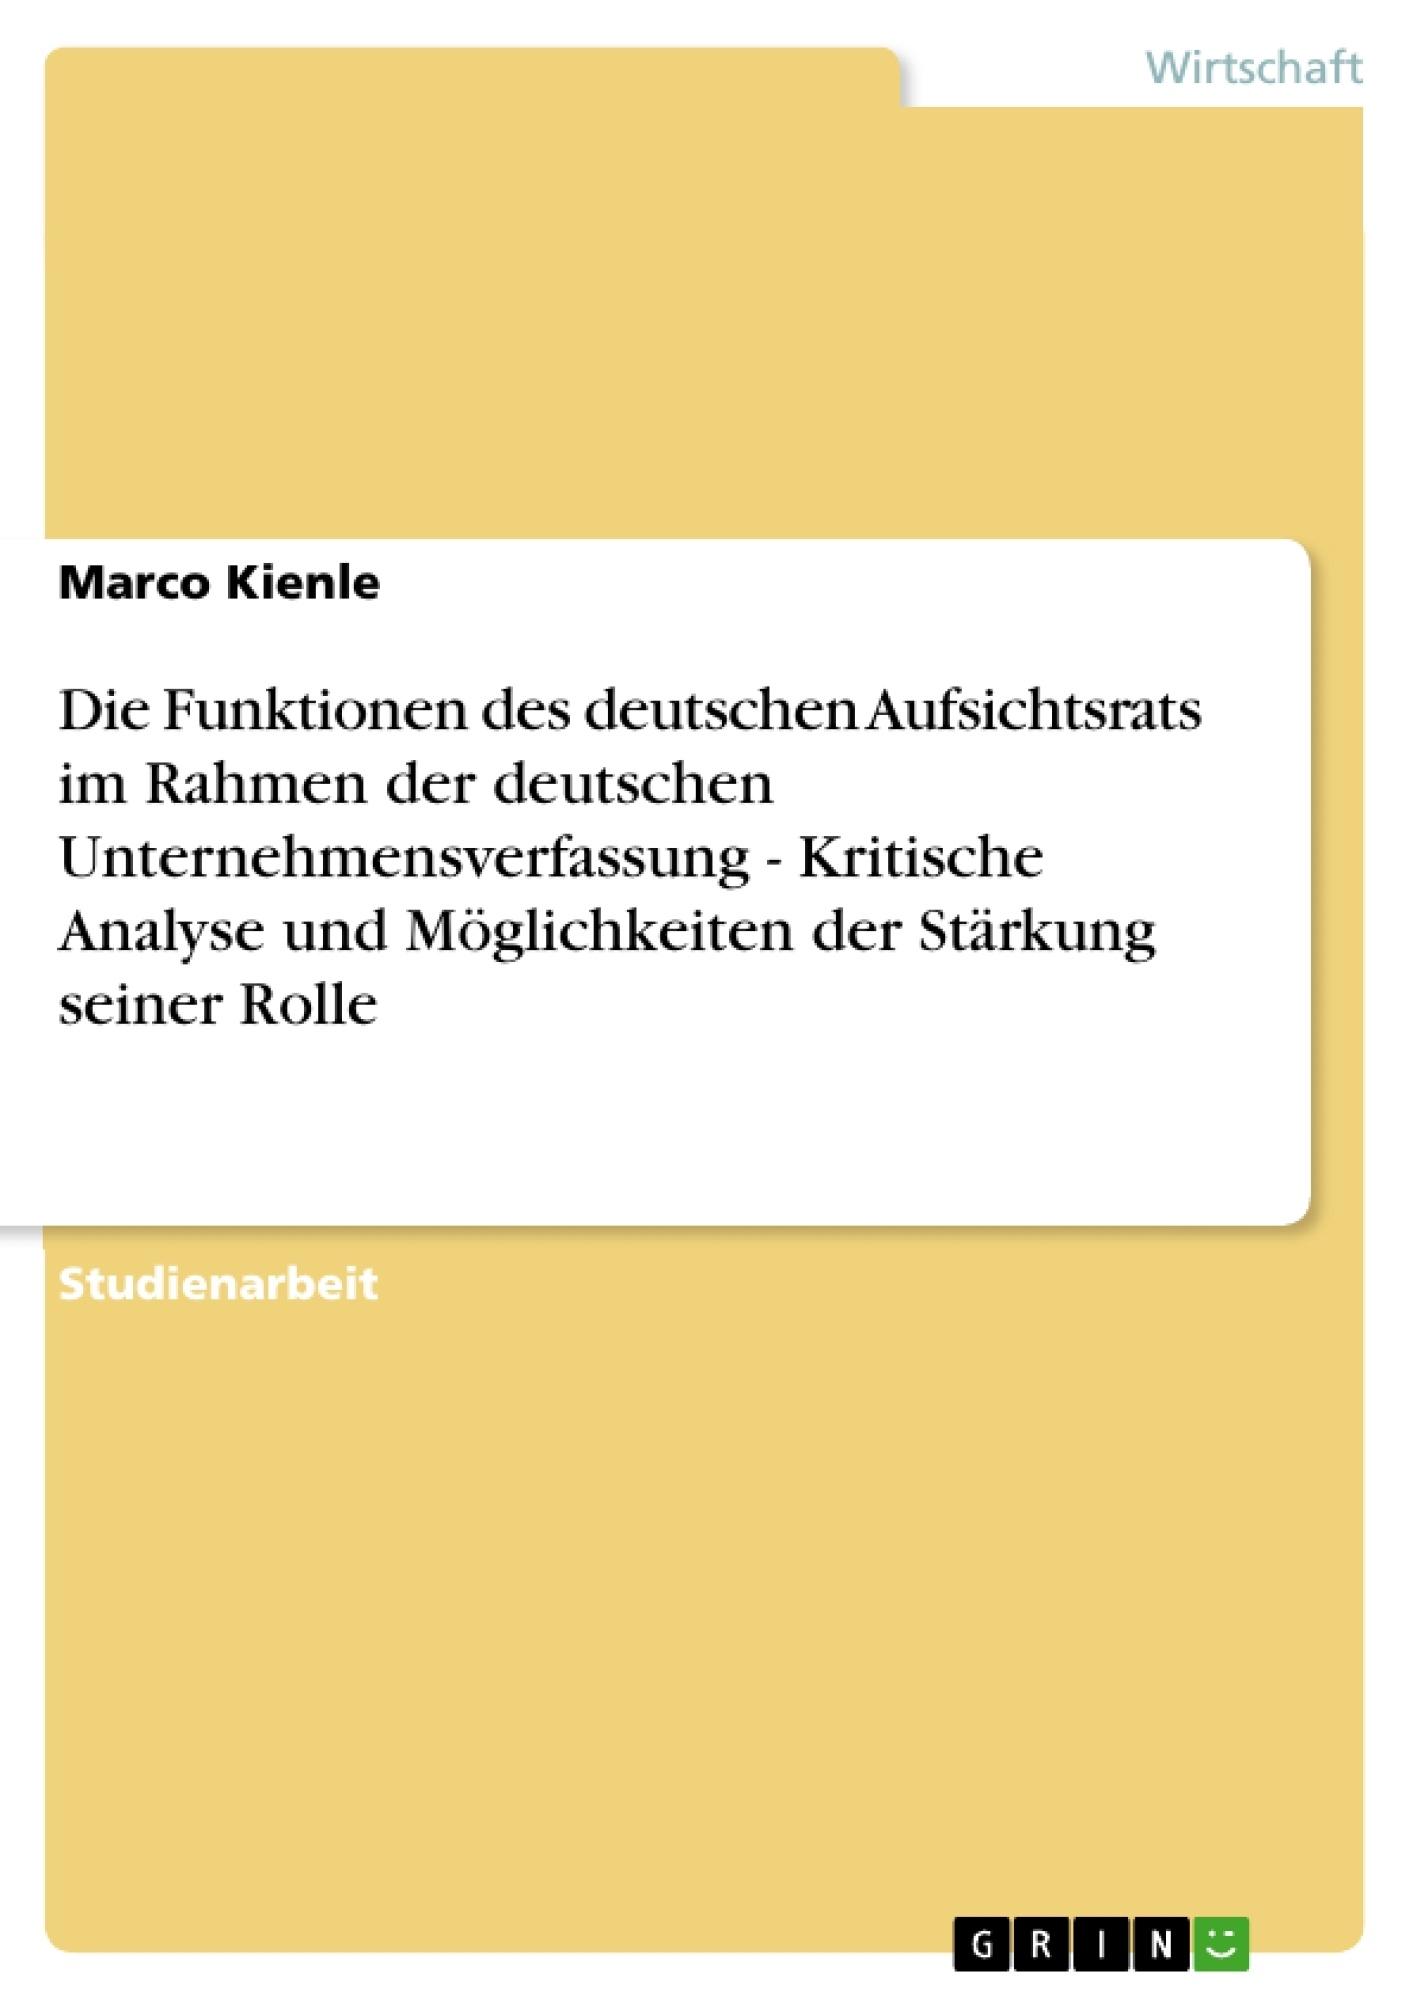 Die Funktionen des deutschen Aufsichtsrats im Rahmen der deutschen ...